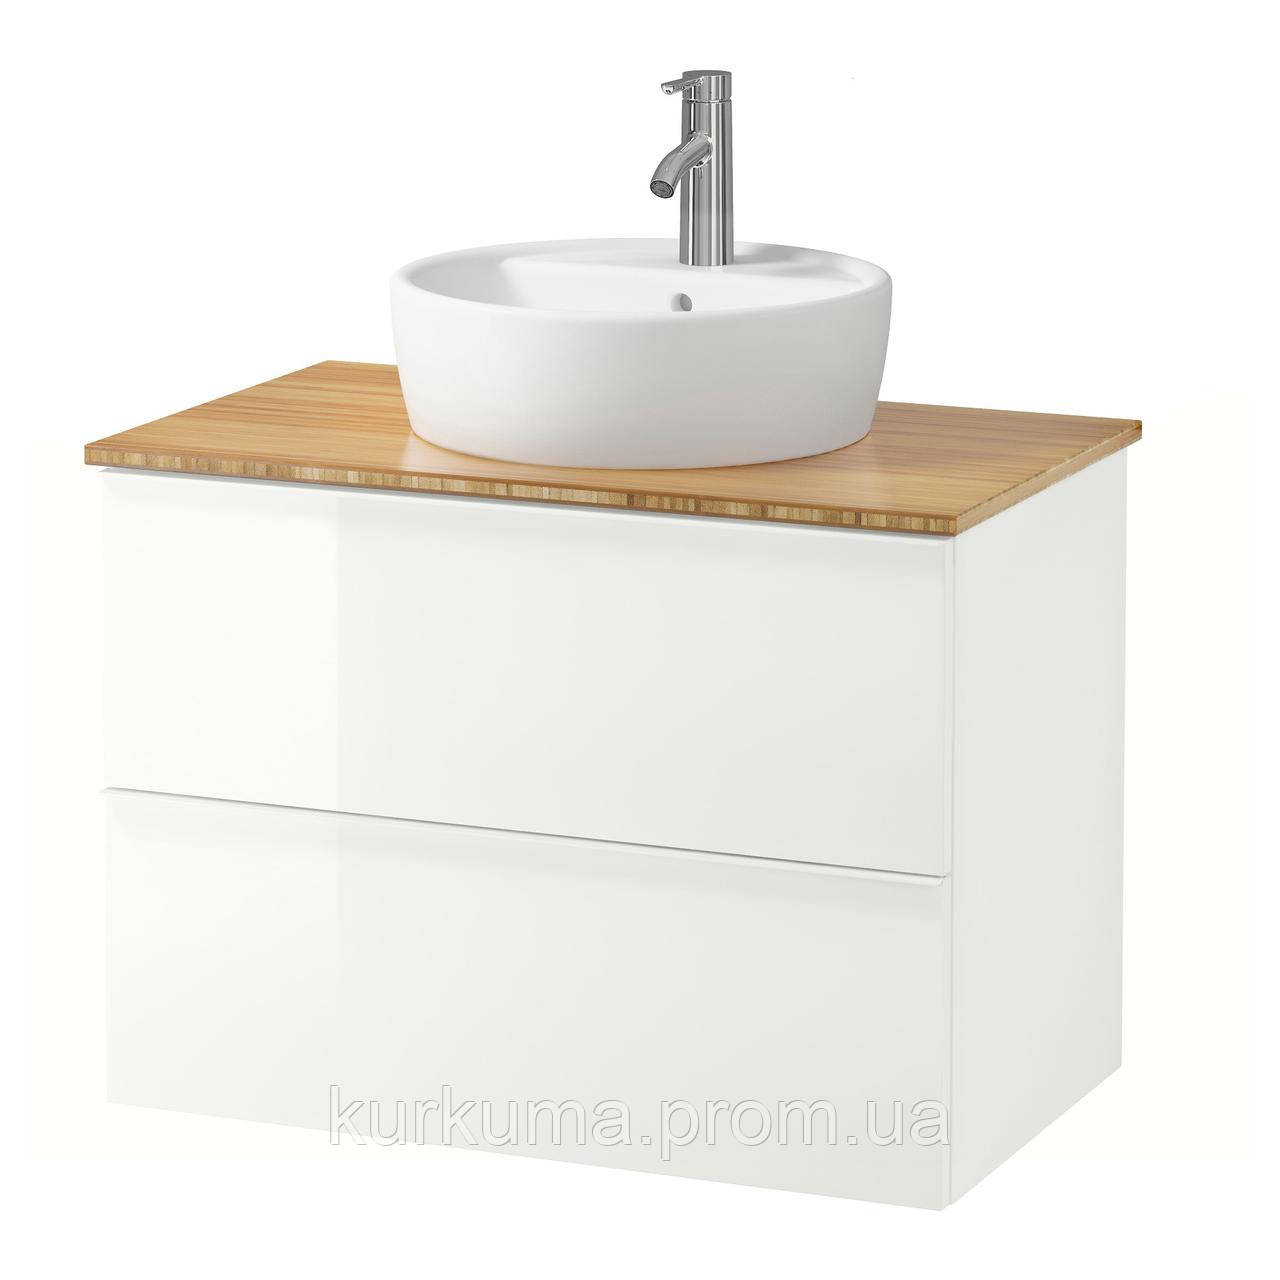 IKEA GODMORGON/TOLKEN/TORNVIKEN Шкаф под умывальник с раковиной, глянцевый белый, бамбук  (992.051.92)